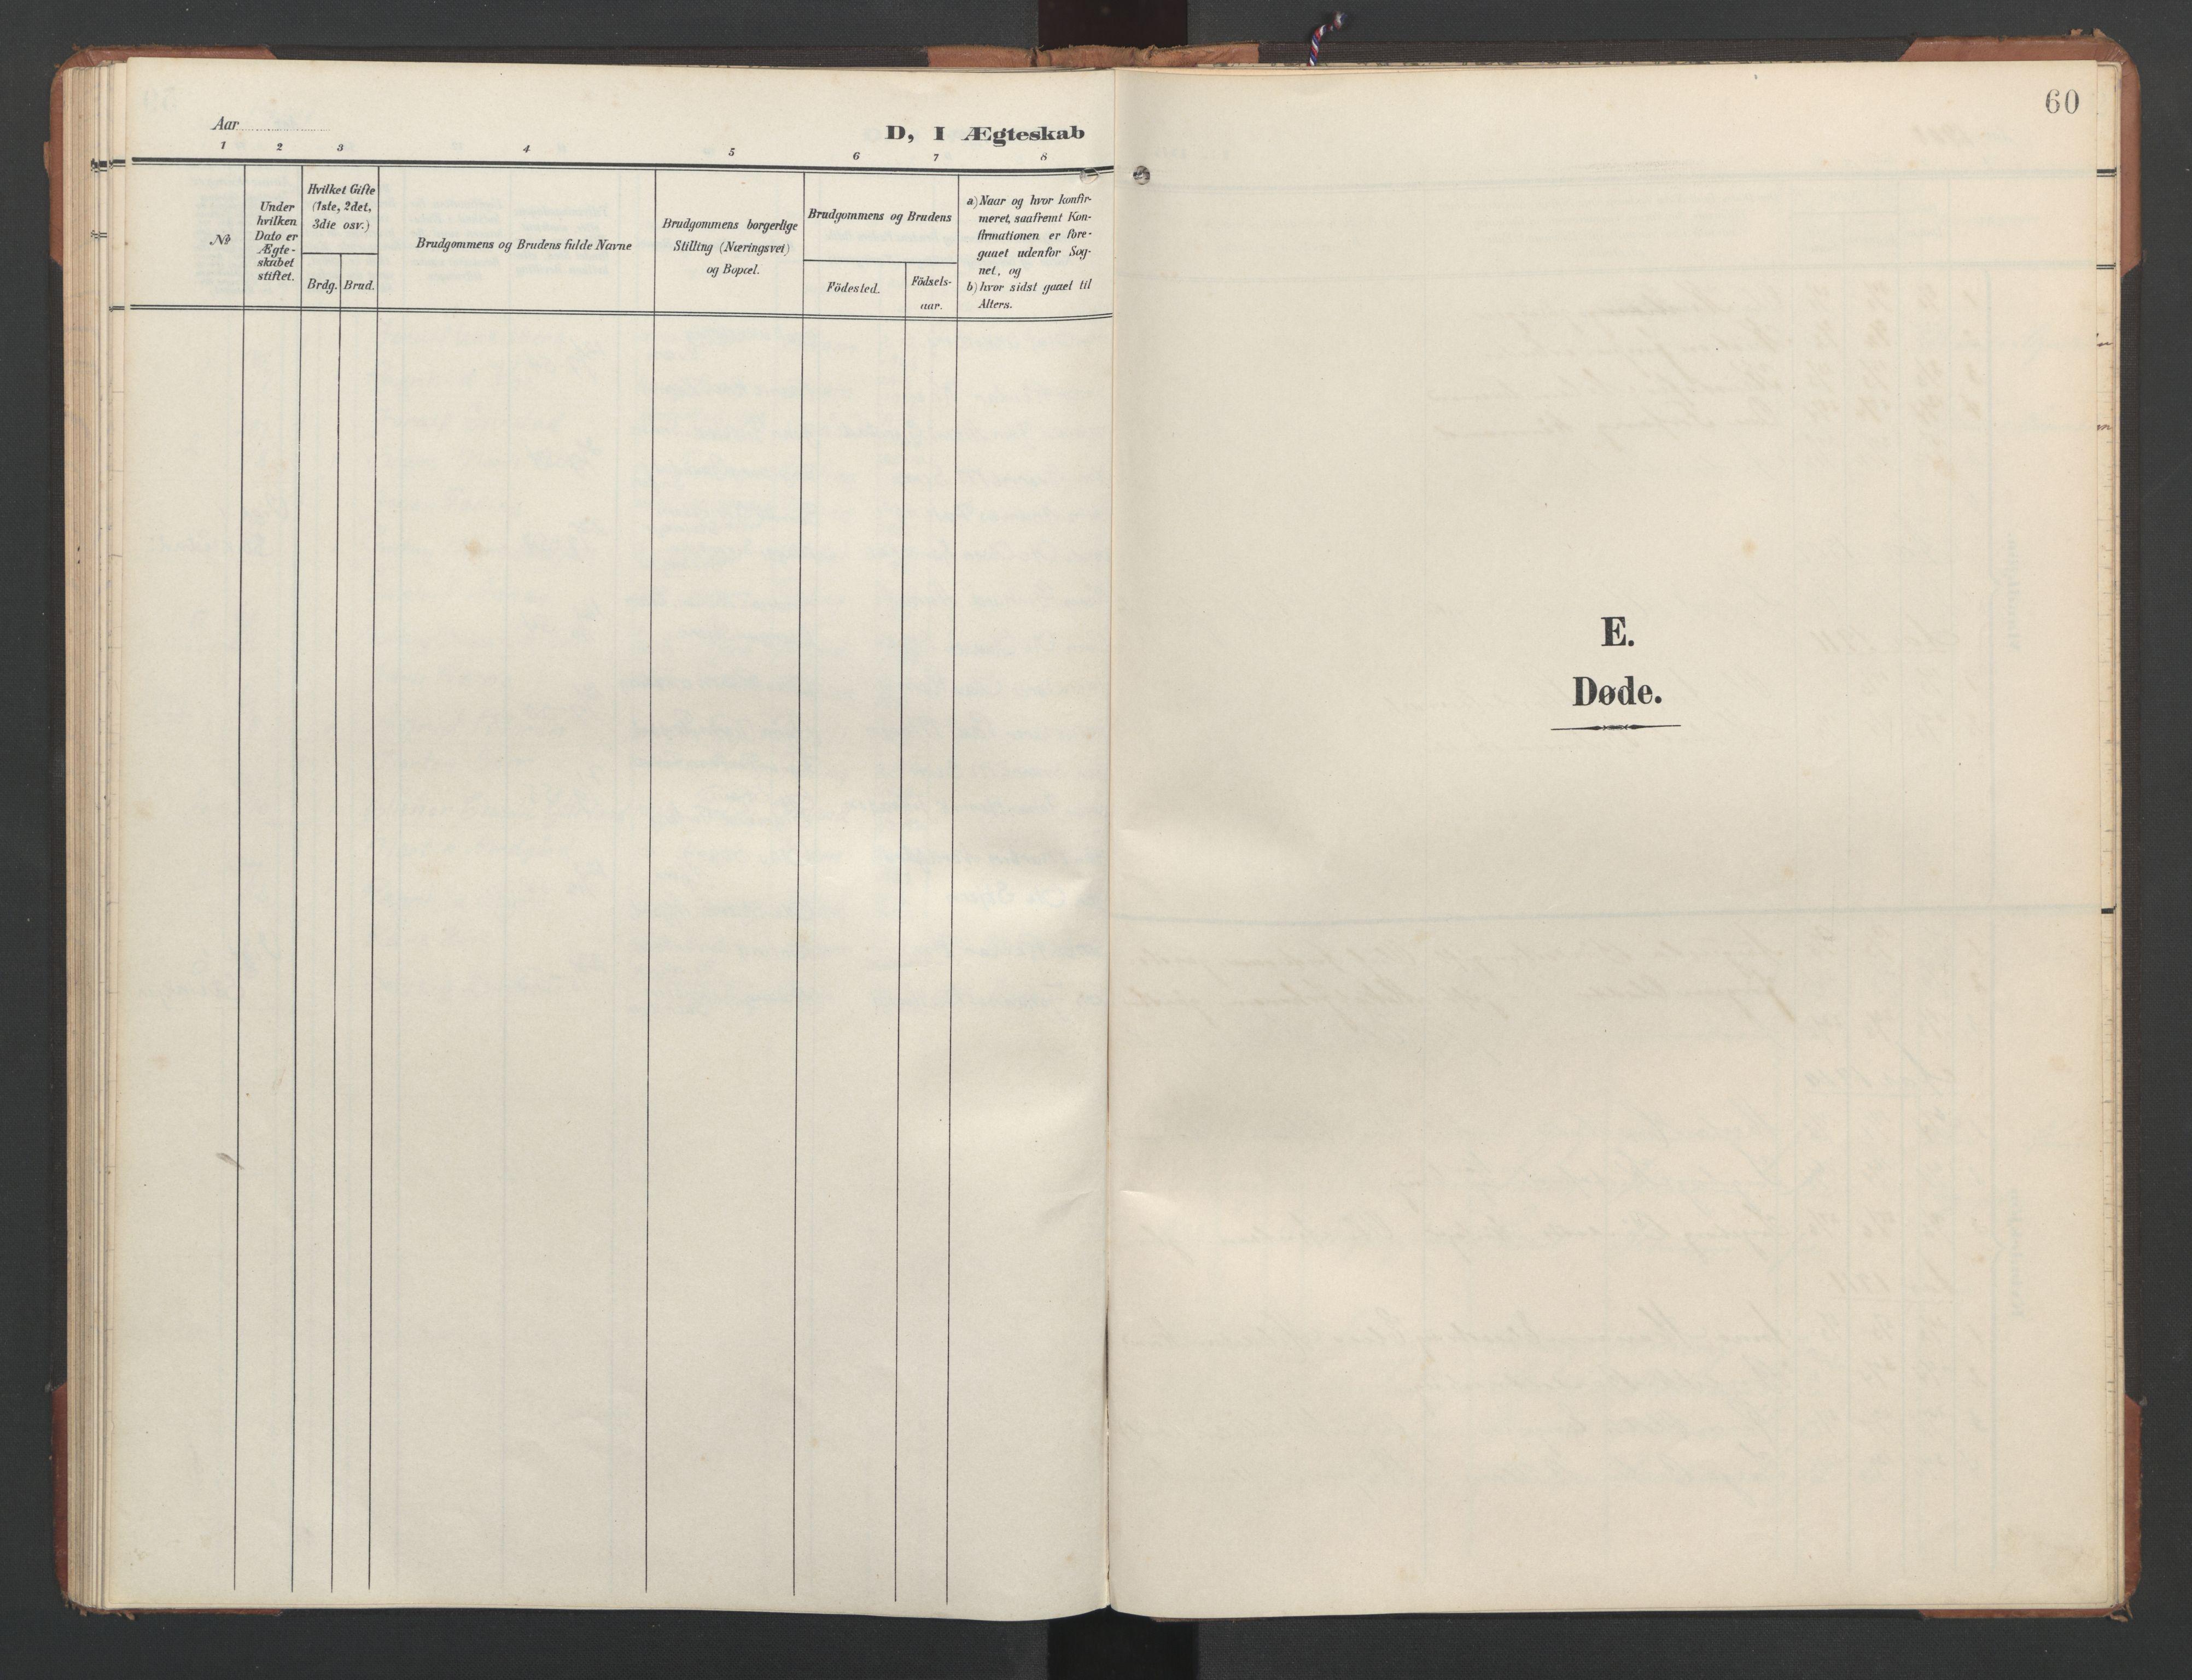 SAT, Ministerialprotokoller, klokkerbøker og fødselsregistre - Nord-Trøndelag, 748/L0465: Klokkerbok nr. 748C01, 1908-1960, s. 60